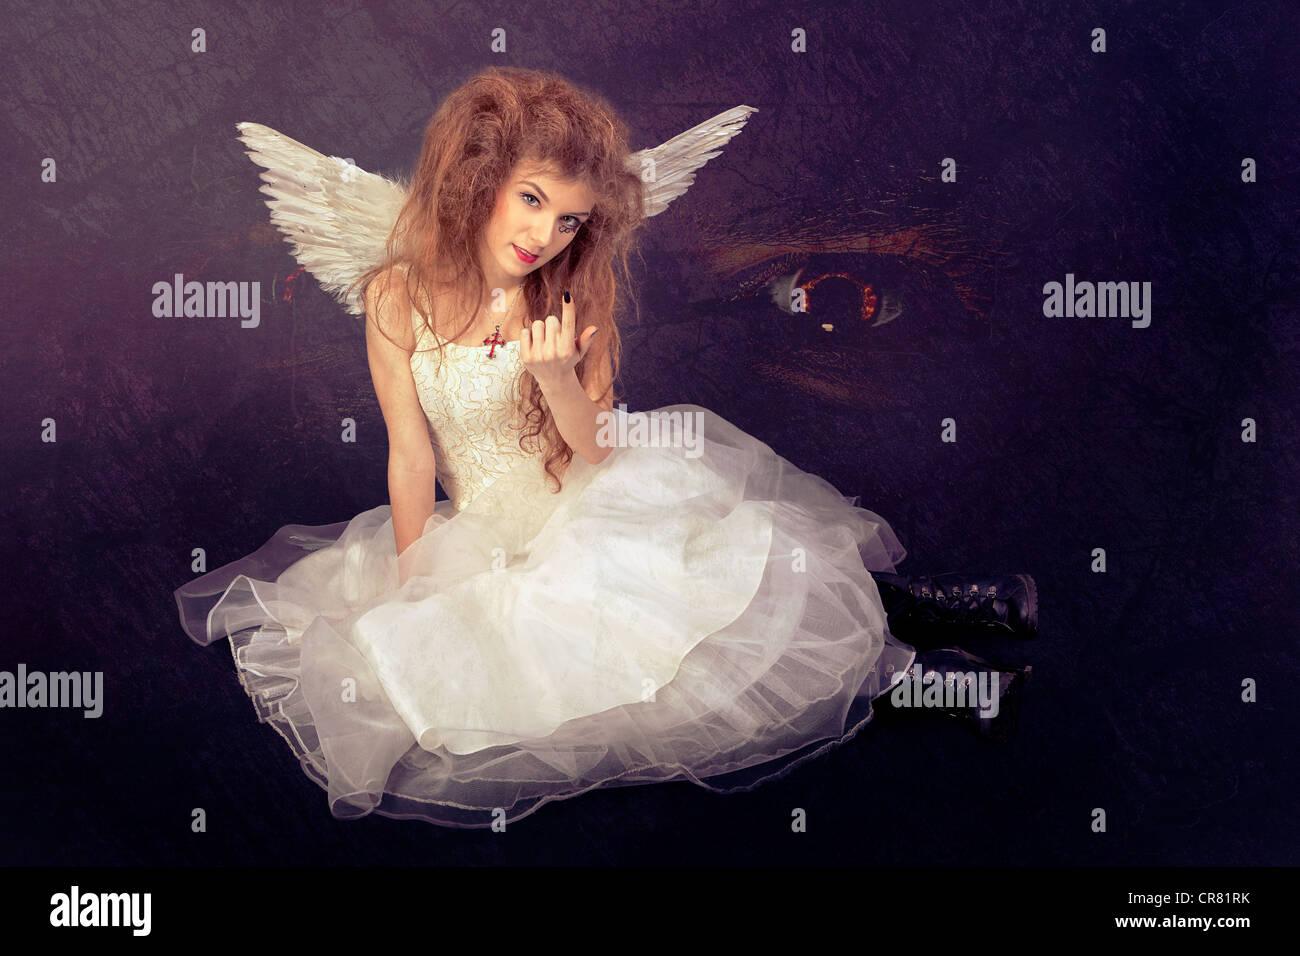 Falso ángel conduce a la tentación Imagen De Stock